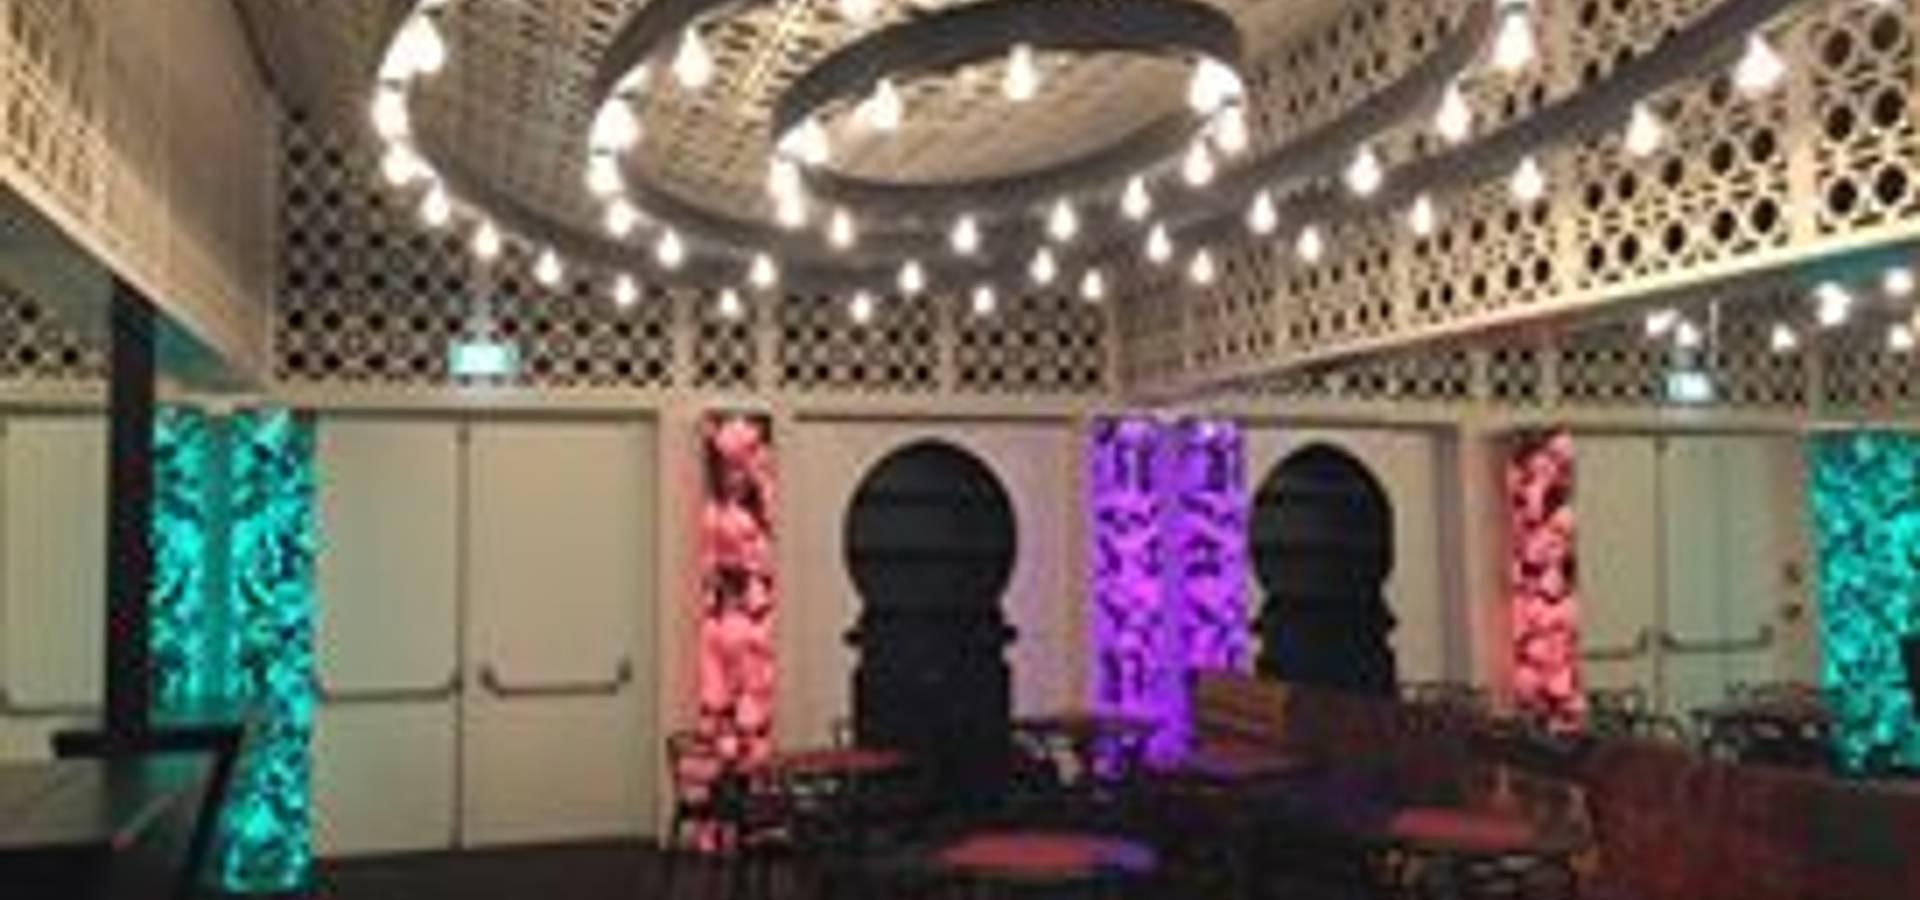 Casa Delle Lampadine Illuminazione A Torino Homify